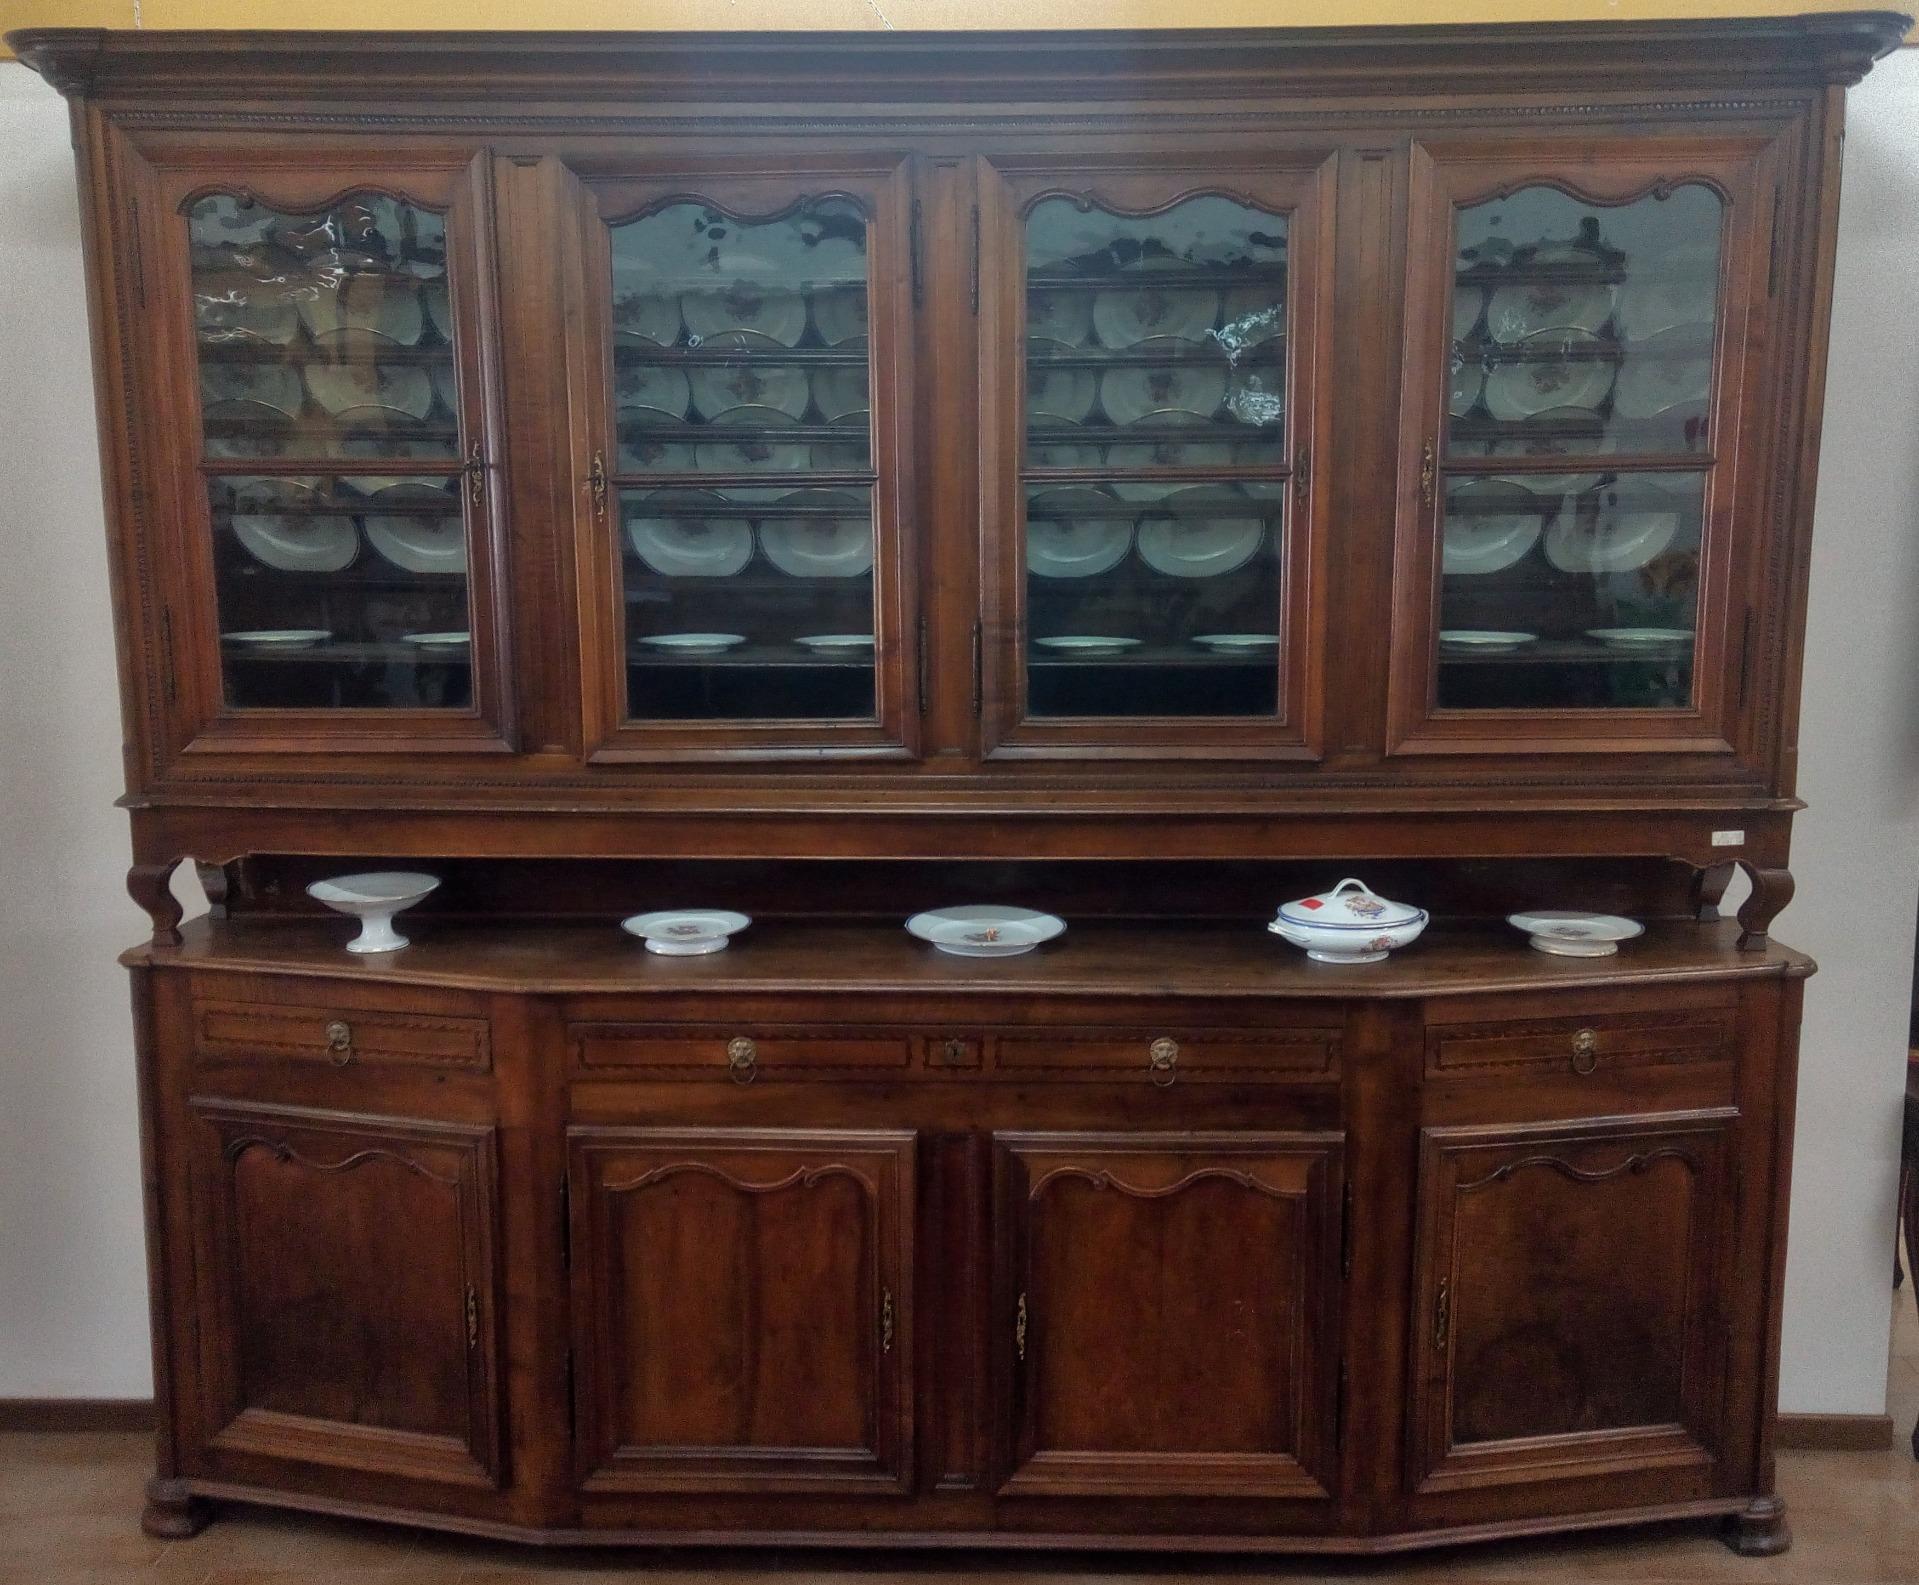 Credenza Con Vidrio : Aparador con muescas placa de vidrio y antigüedades